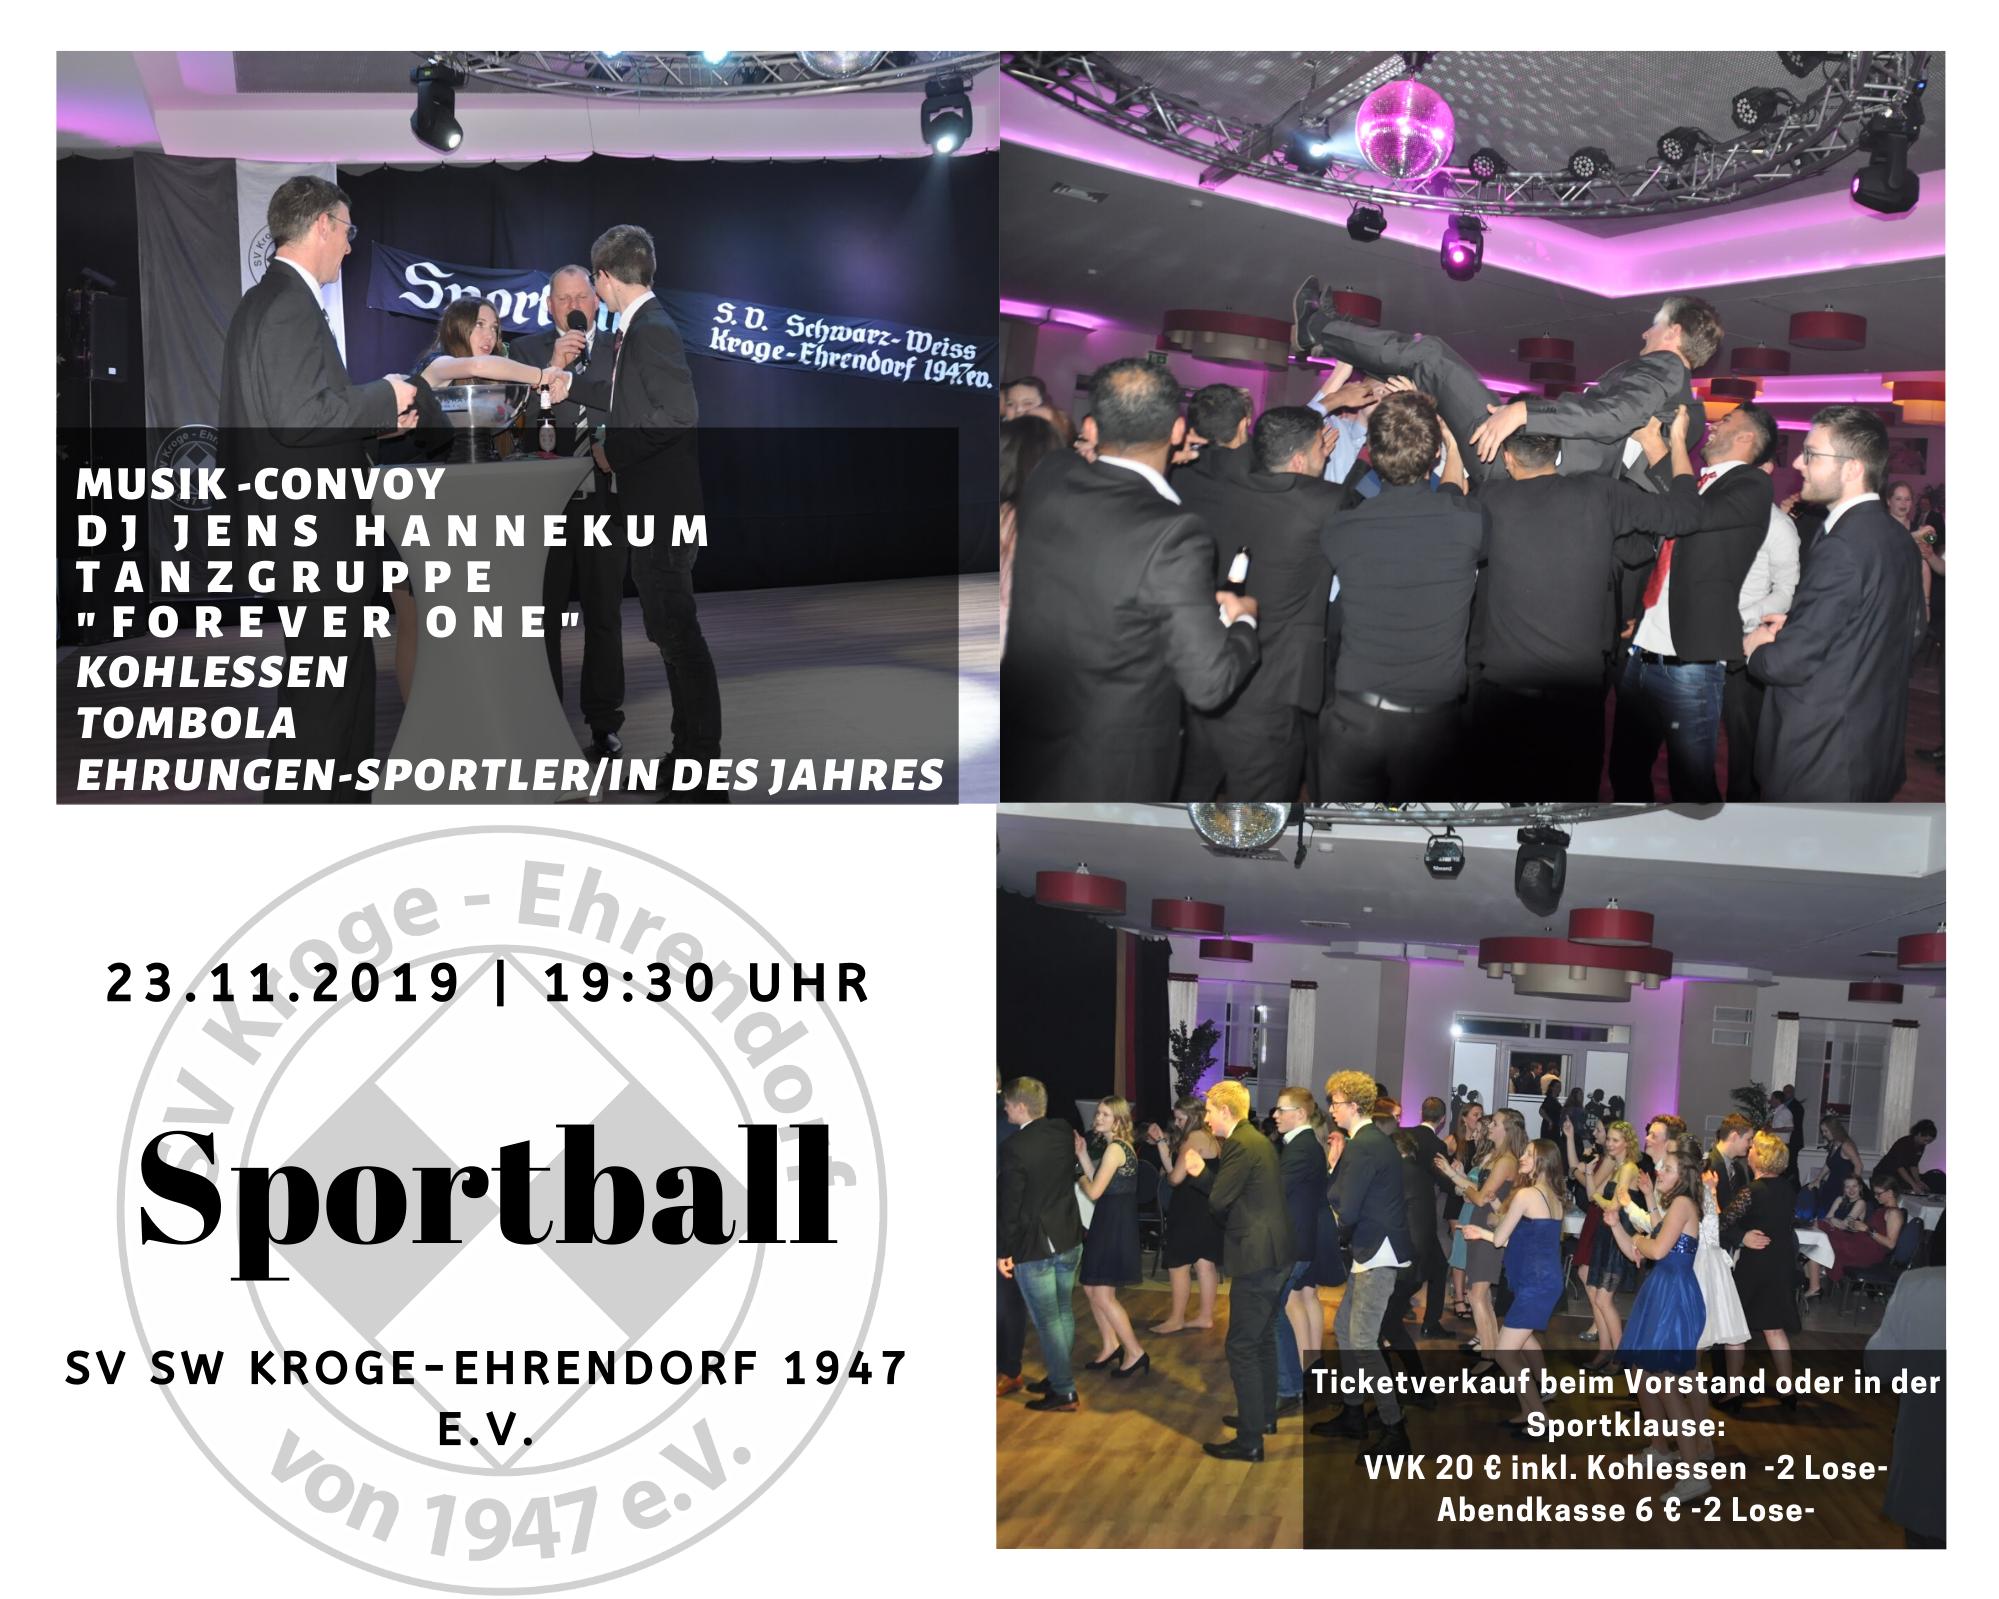 Sportball 2019